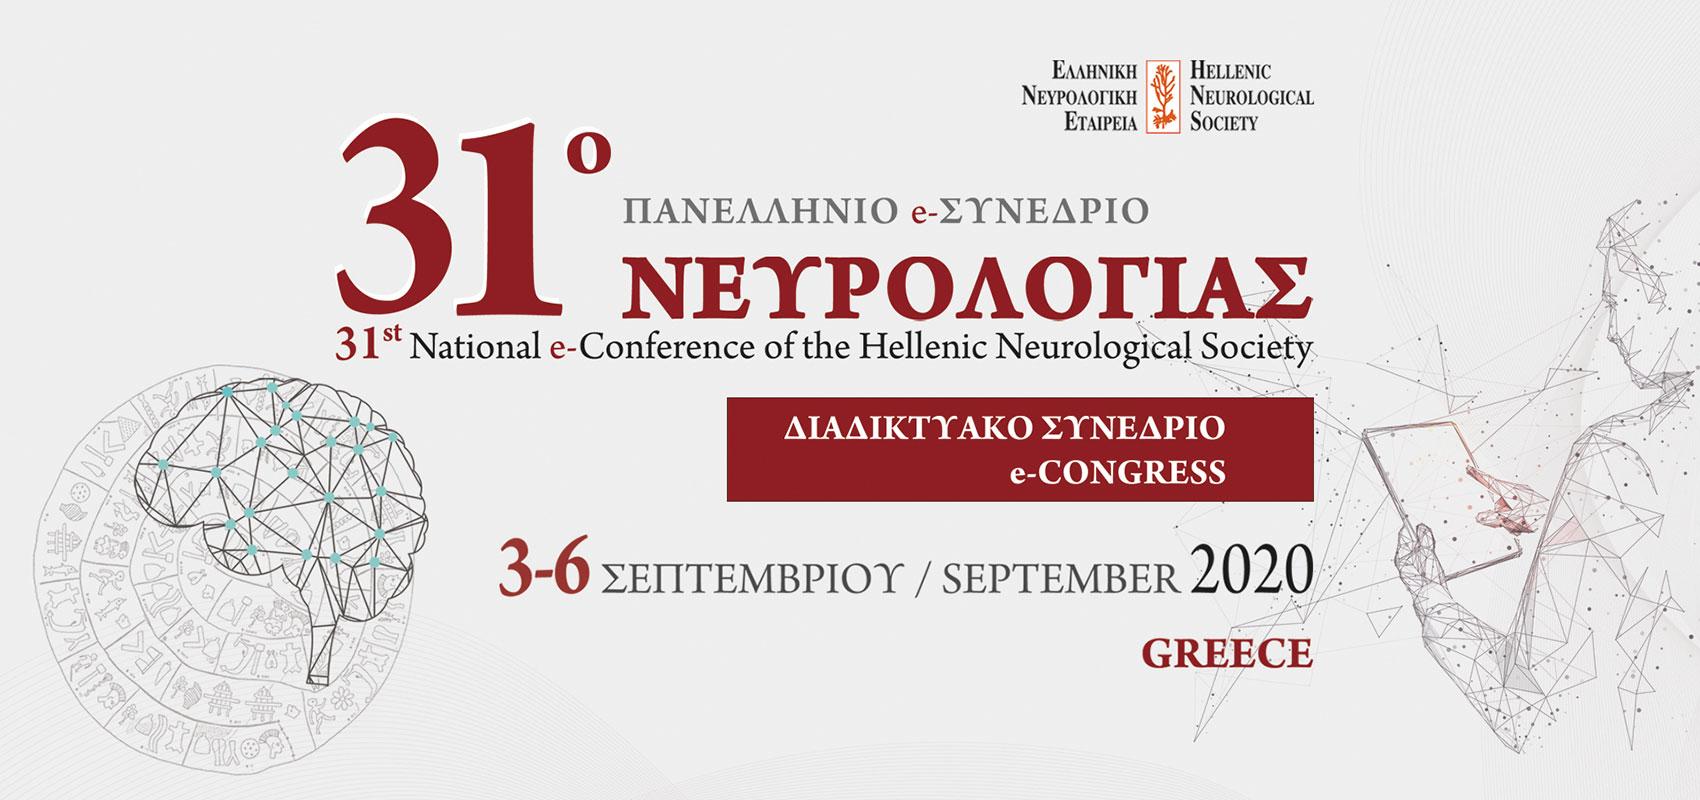 31ο Πανελλήνιο e-Συνέδριο Νευρολογίας